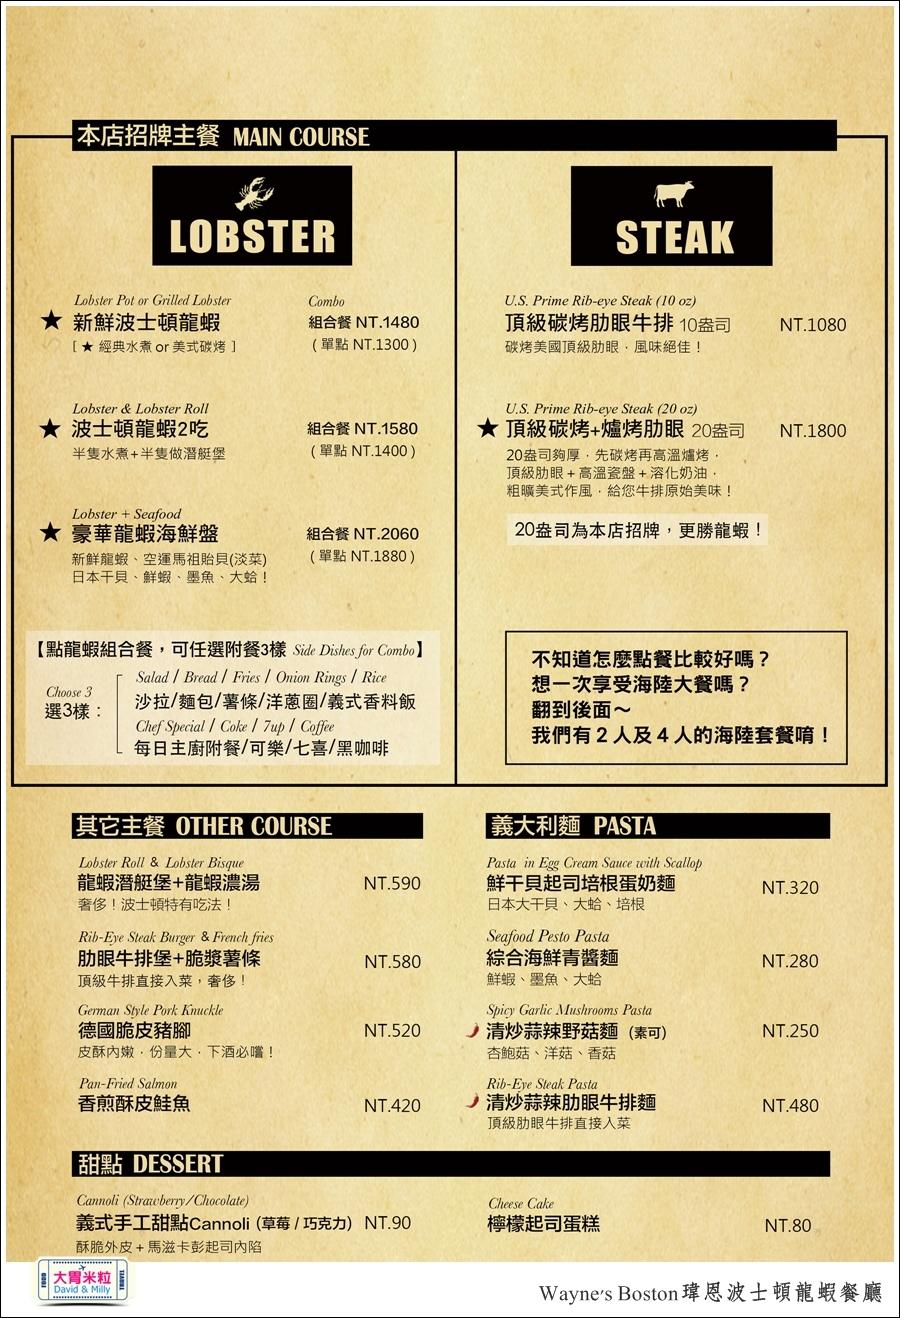 台北龍蝦餐廳推薦@Wayne's Boston瑋恩波士頓龍蝦餐酒館@大胃米粒0071 (2).jpg